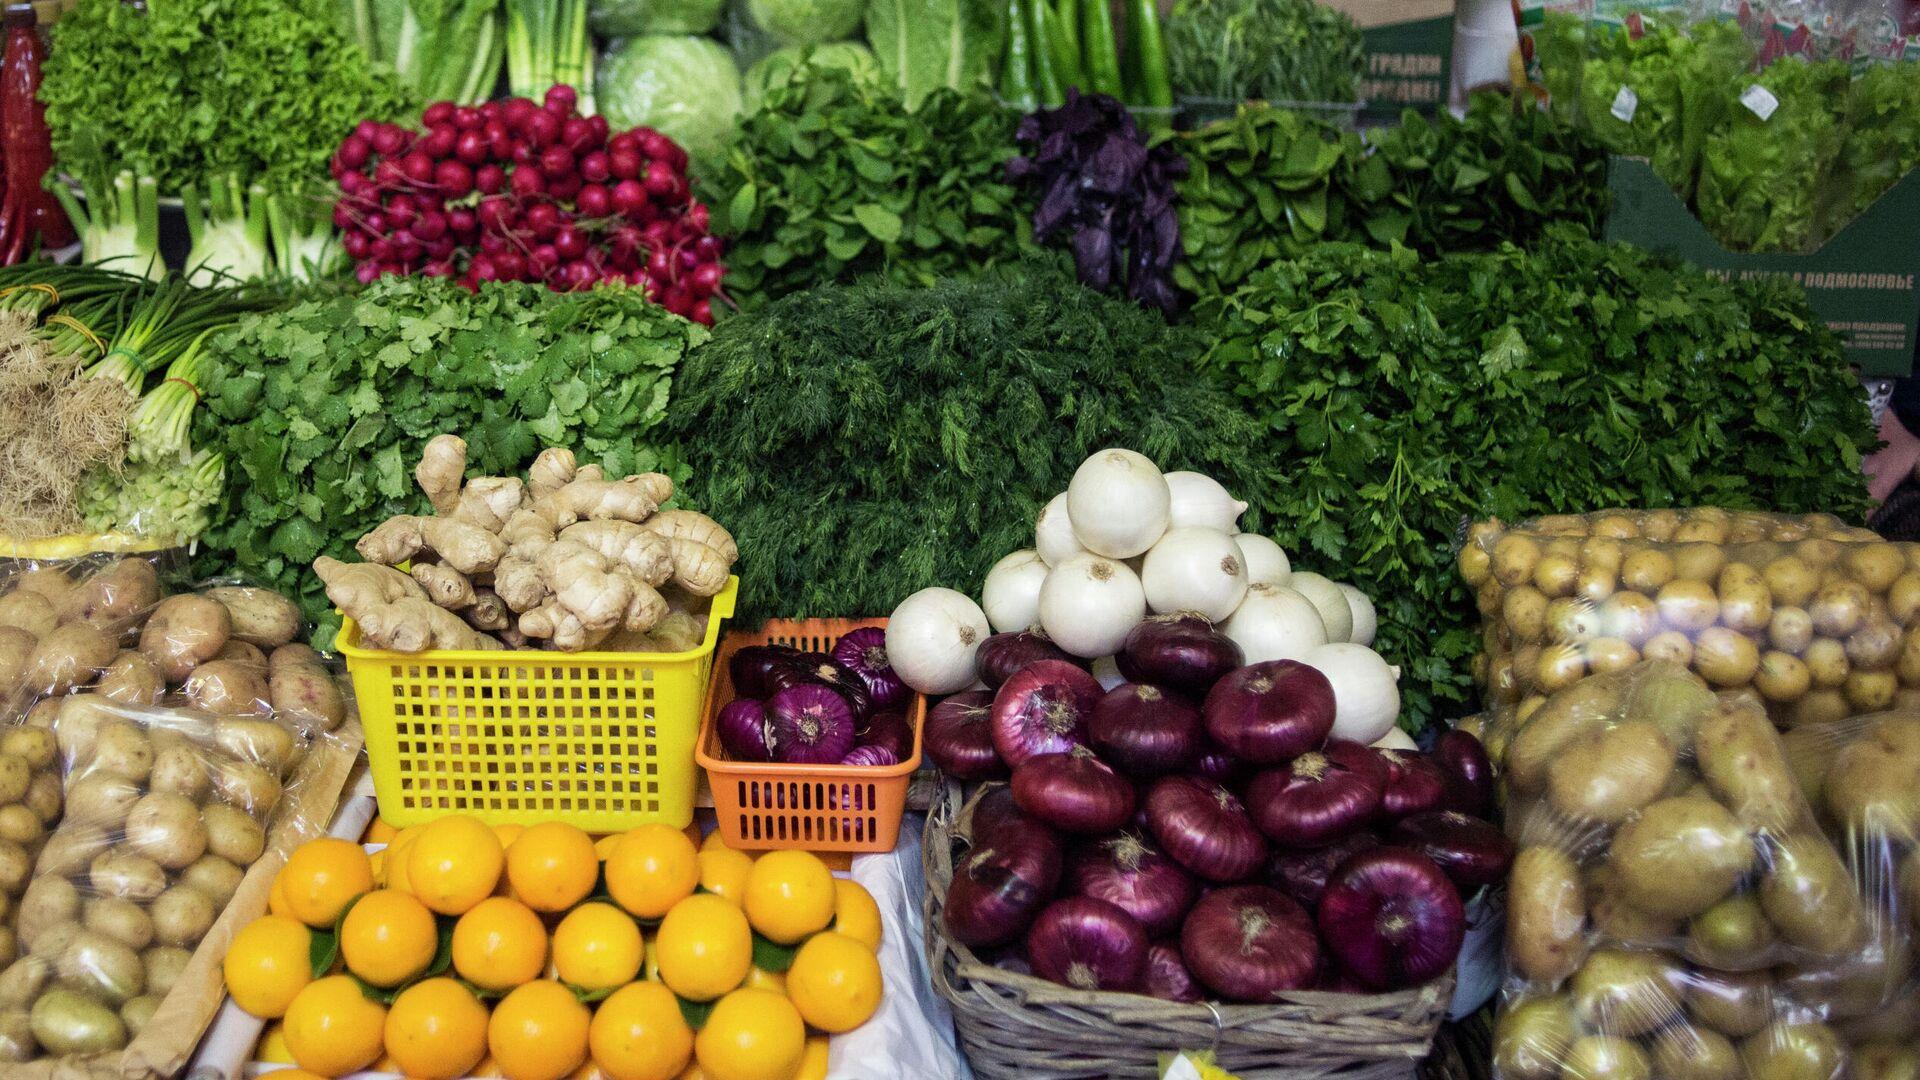 Прилавок с овощами на Даниловском рынке в Москве - РИА Новости, 1920, 08.04.2021